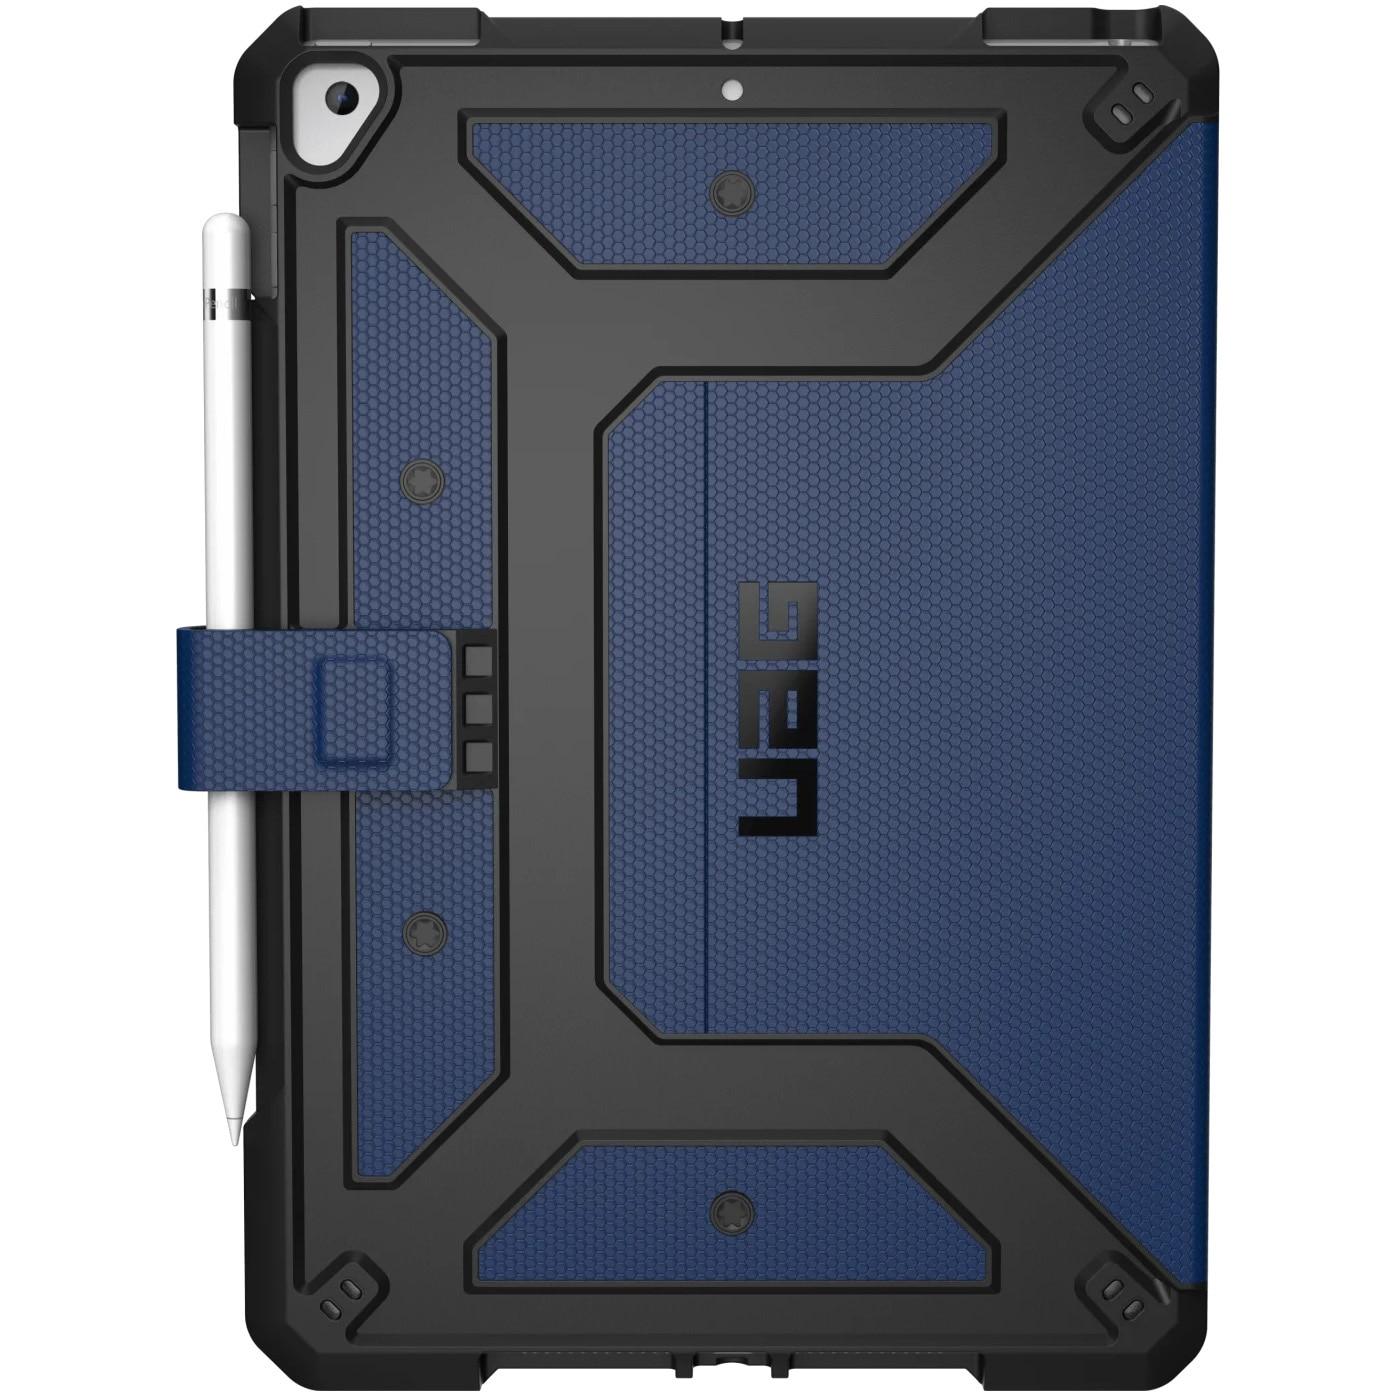 Fotografie Husa de protectie UAG Book Metropolis Series pentru Apple iPad 7 10.2 inch, Military drop tested, Cobalt Blue